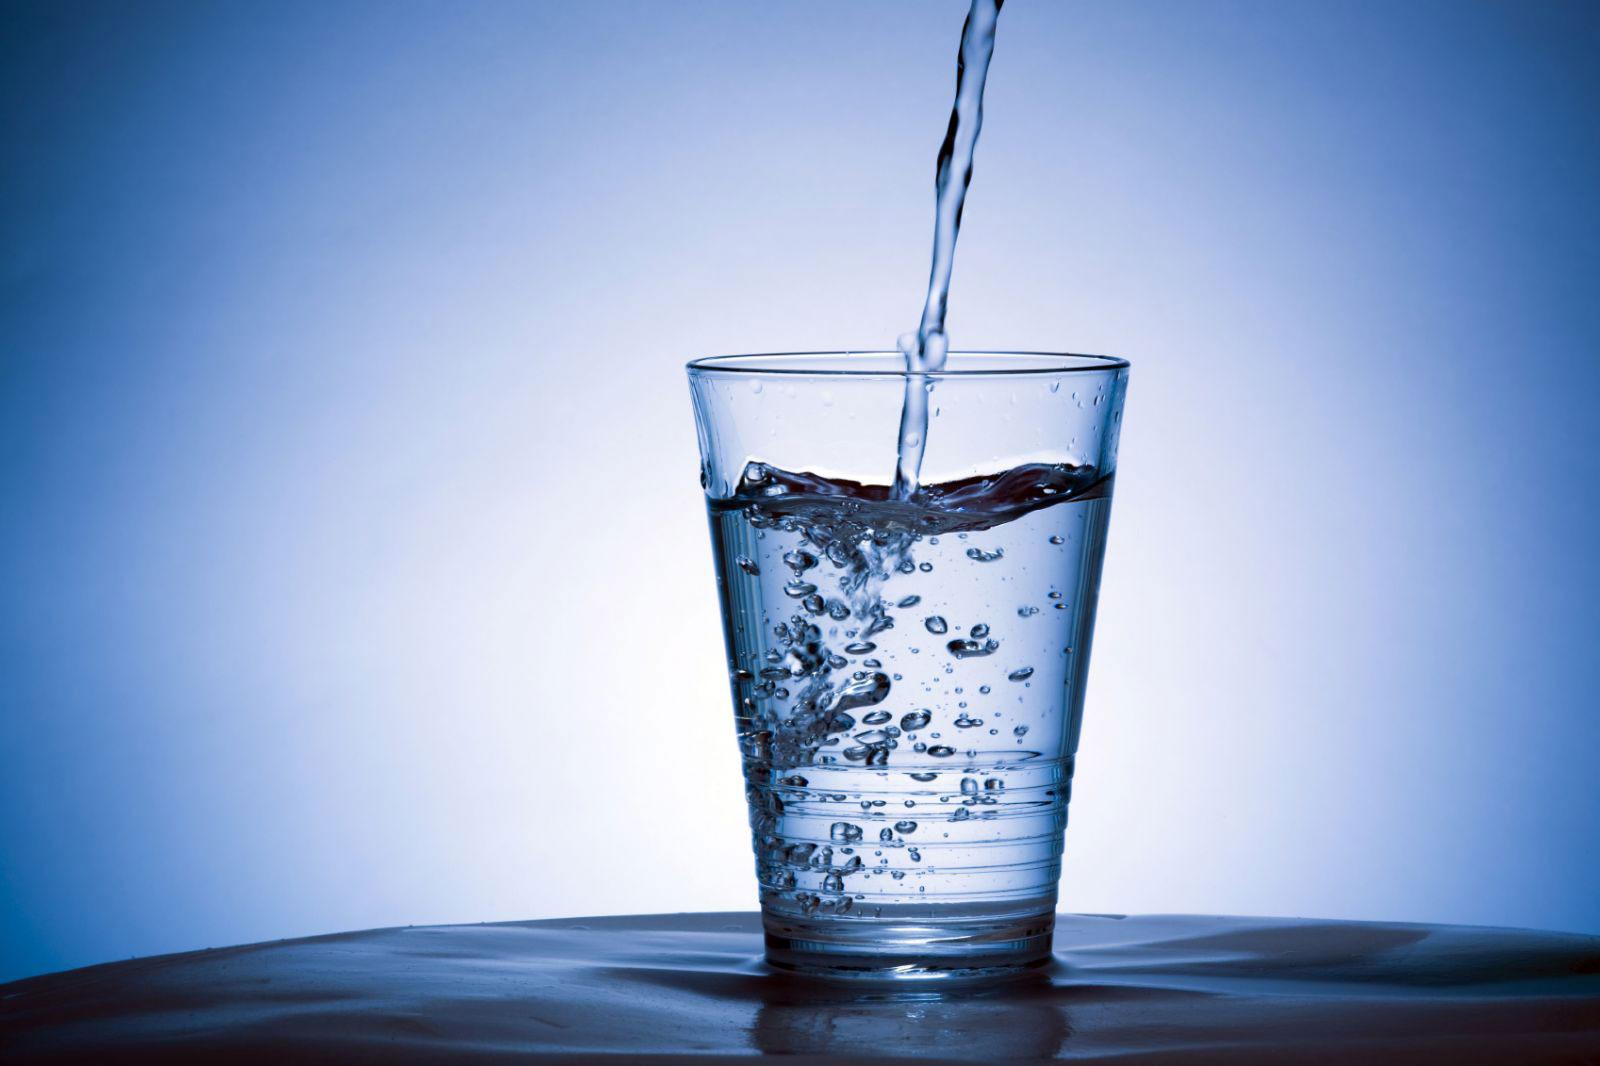 người bị bệnh táo bón cần bổ sung đủ lượng nước trong ngày